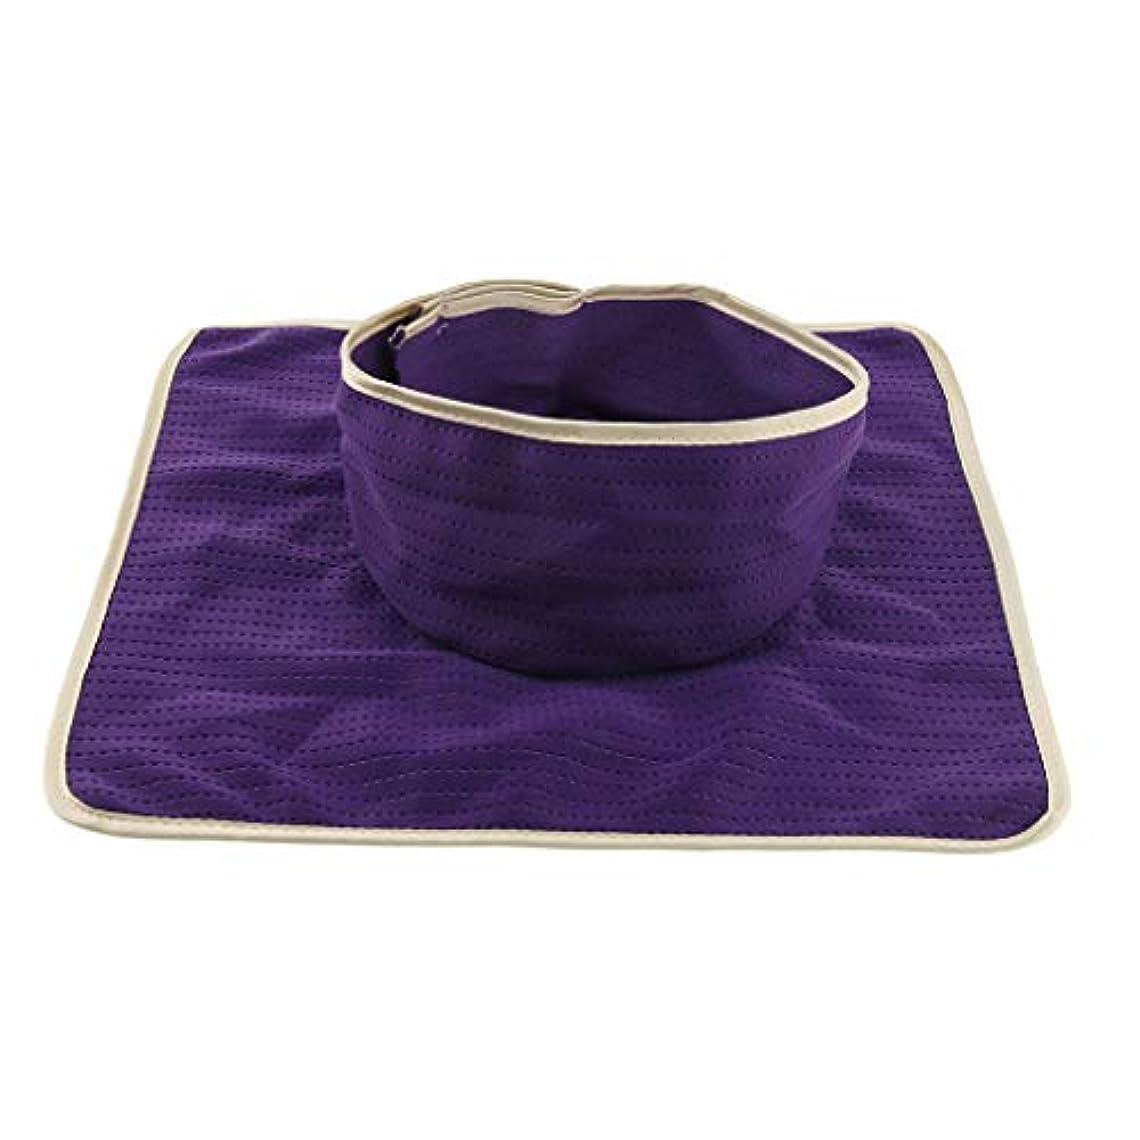 徴収採用する解釈的Baoblaze マッサージのベッド用 パッド マットシート 顔の穴付き 洗える 約35×35cm 全3色 - 紫